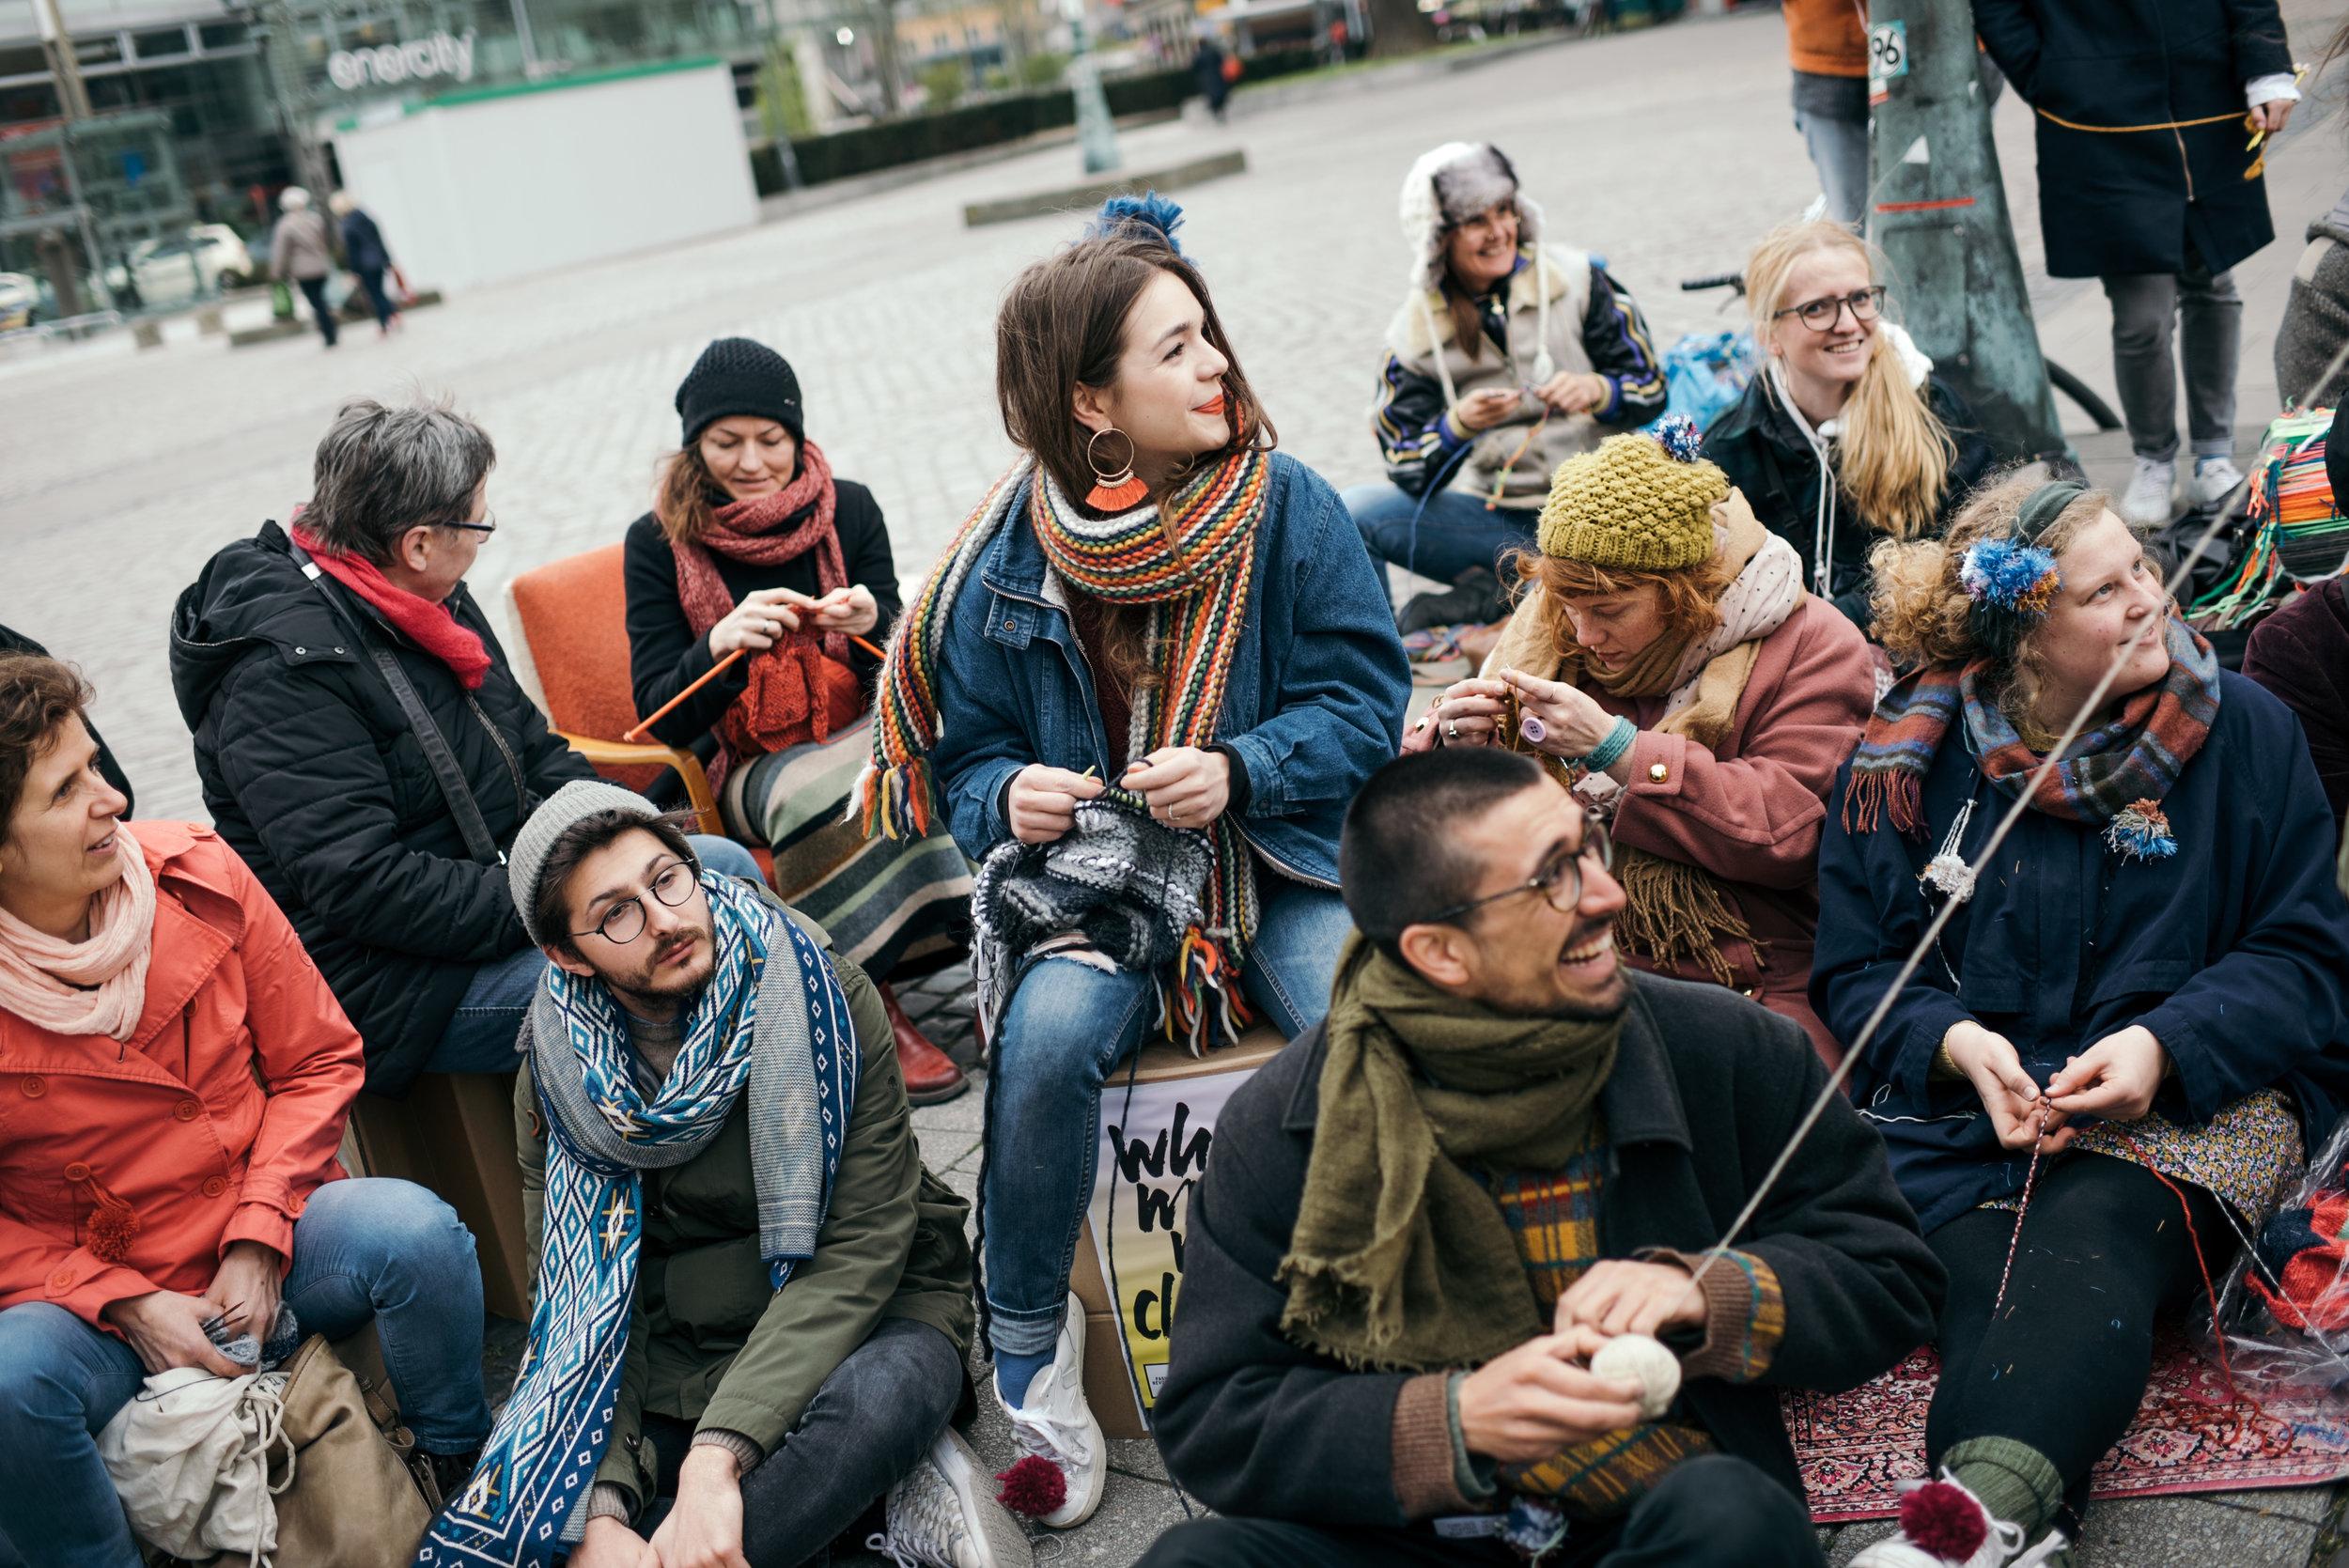 170424_fashionrevolutionday_030.jpg